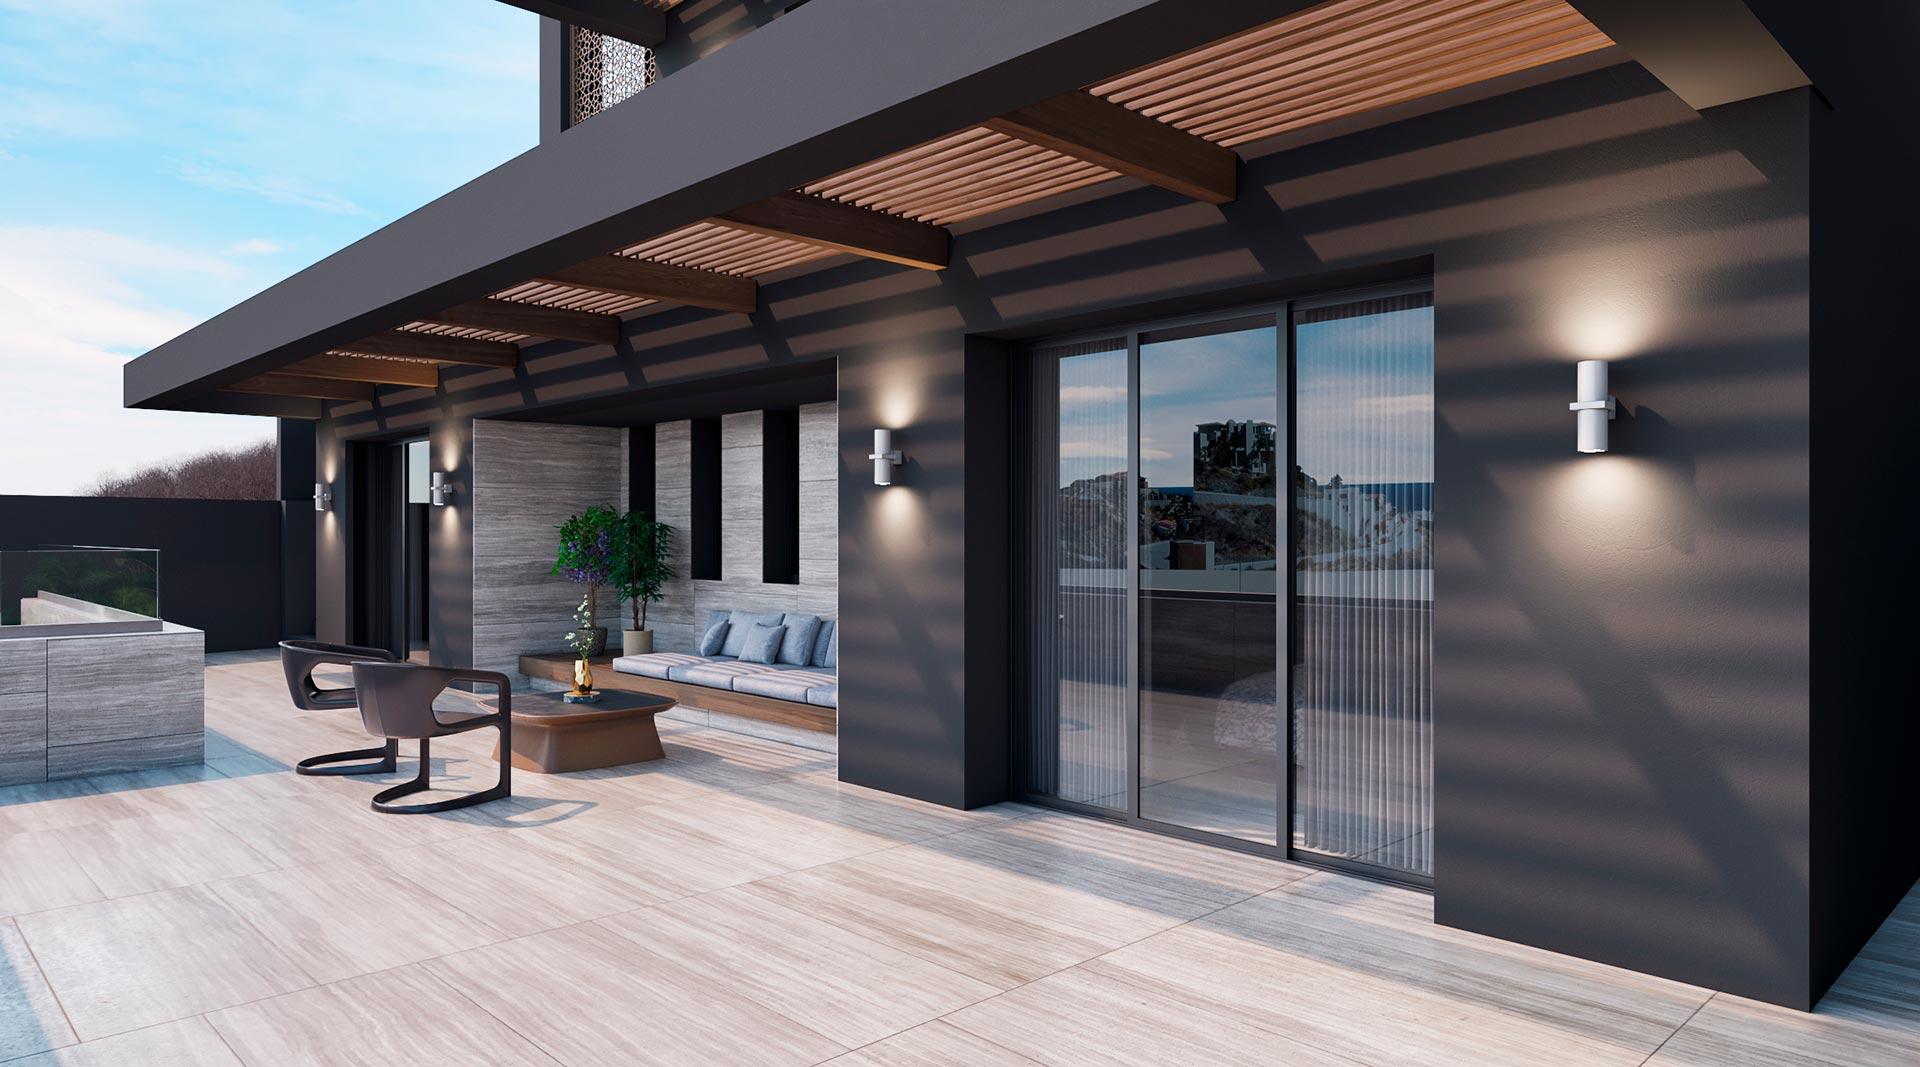 Maison de Cortes- Cabos Luxury Vacation